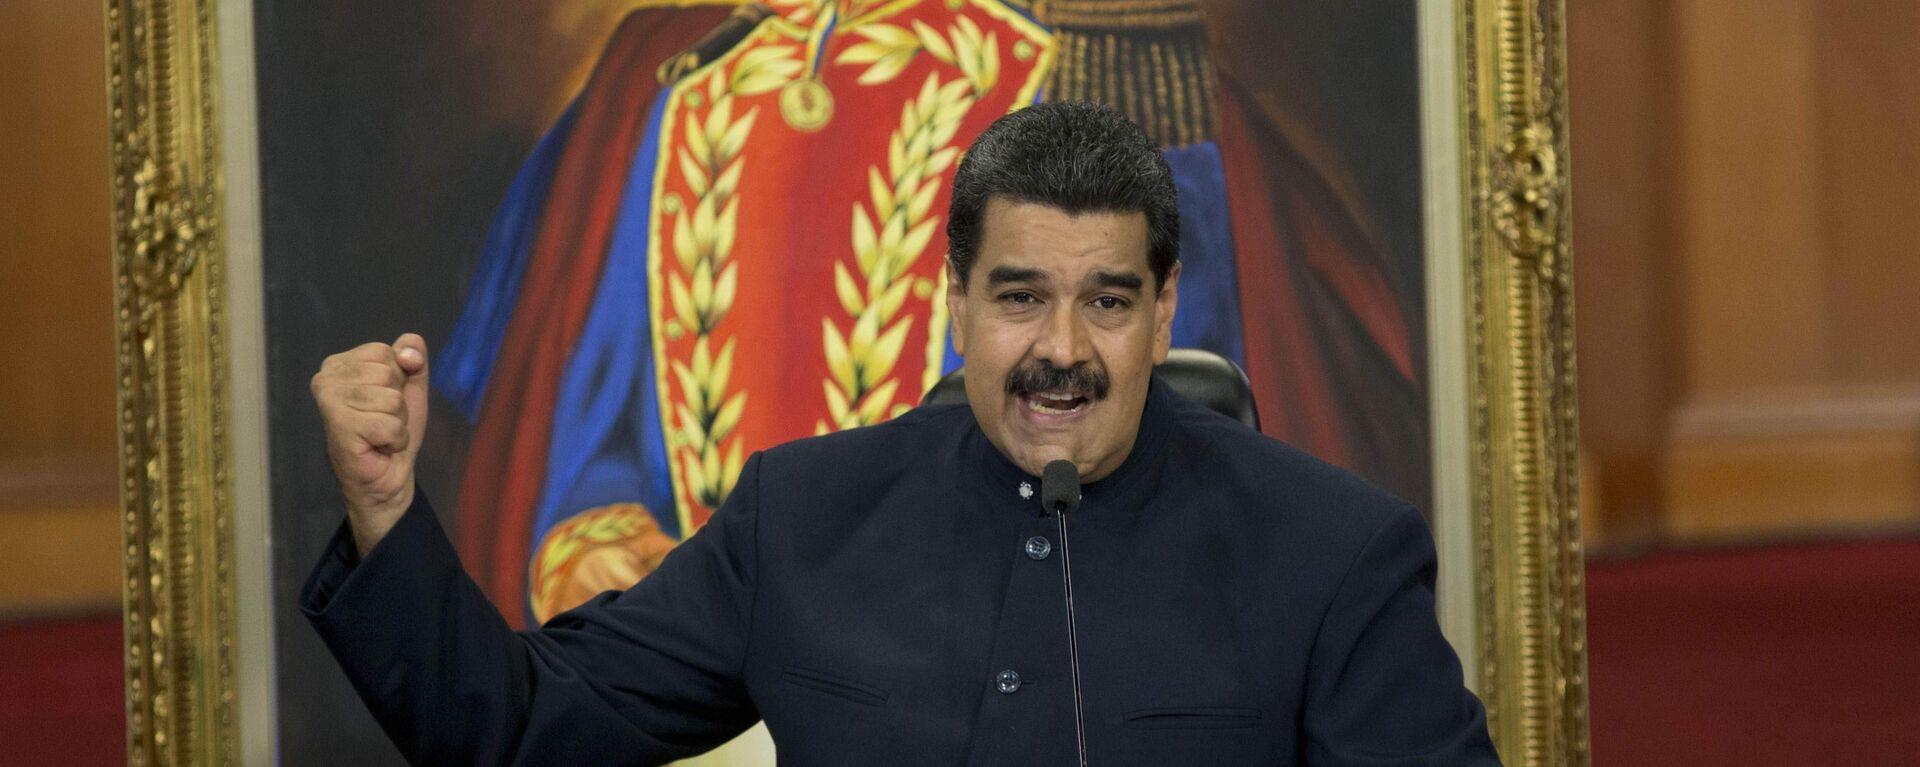 Nicolás Maduro, presidente de Venezuela - Sputnik Mundo, 1920, 02.07.2021